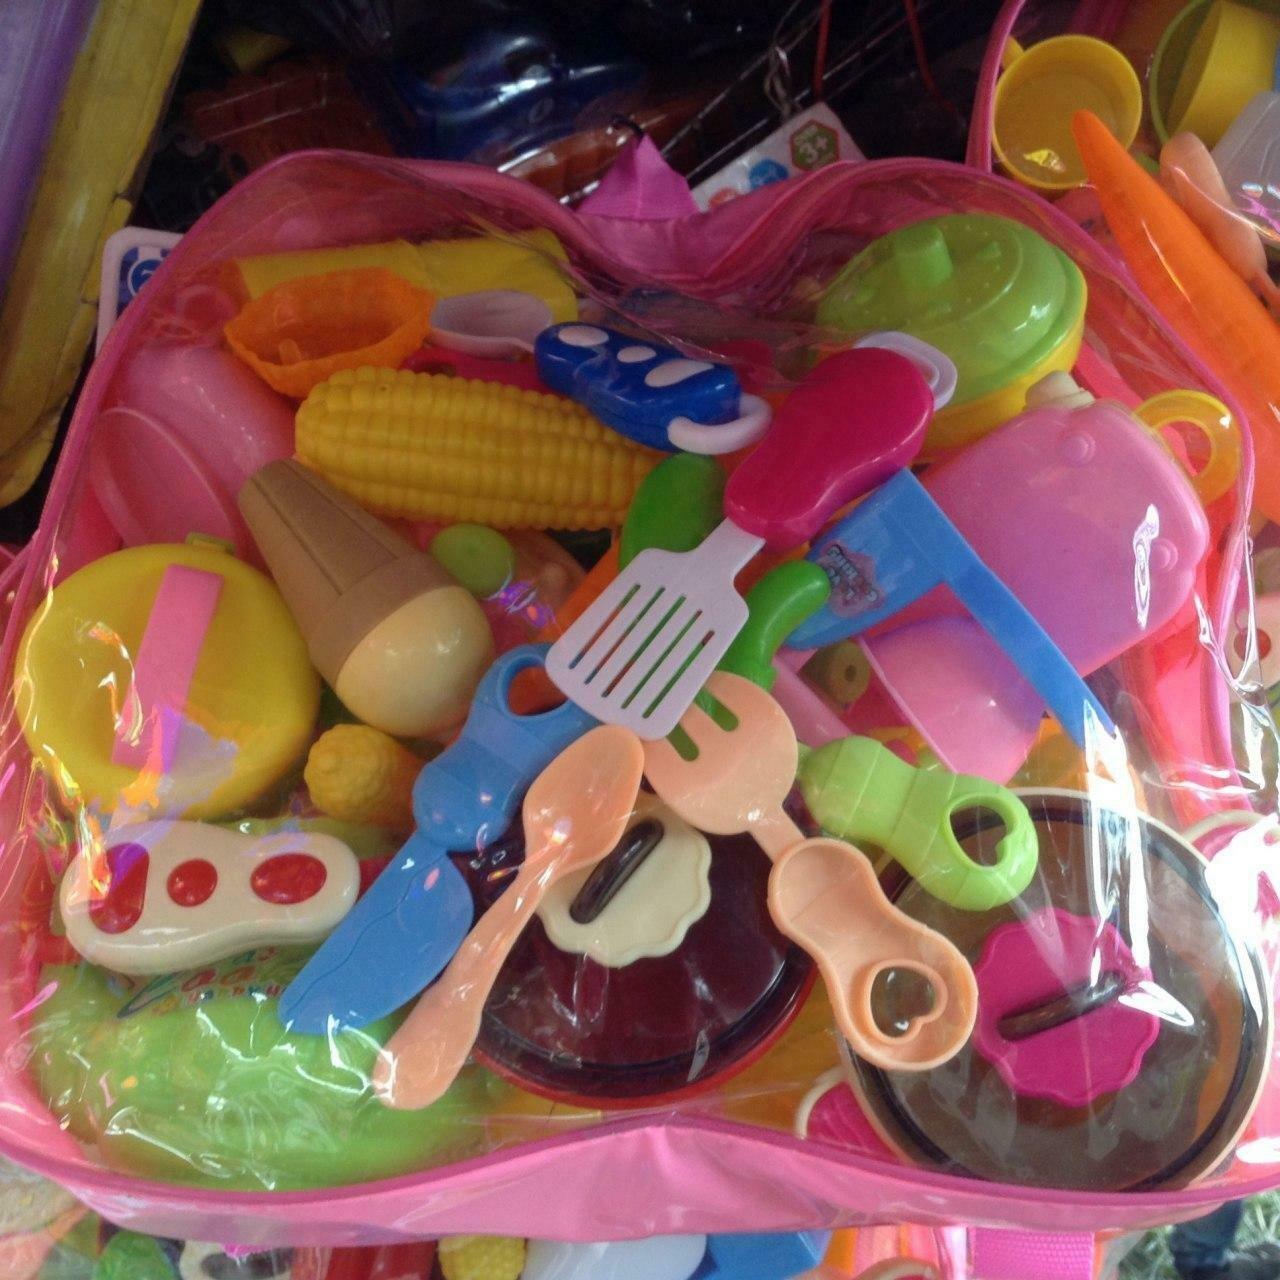 የልጆች መጫወቻ  Kids Toys (Ethiopia Only)